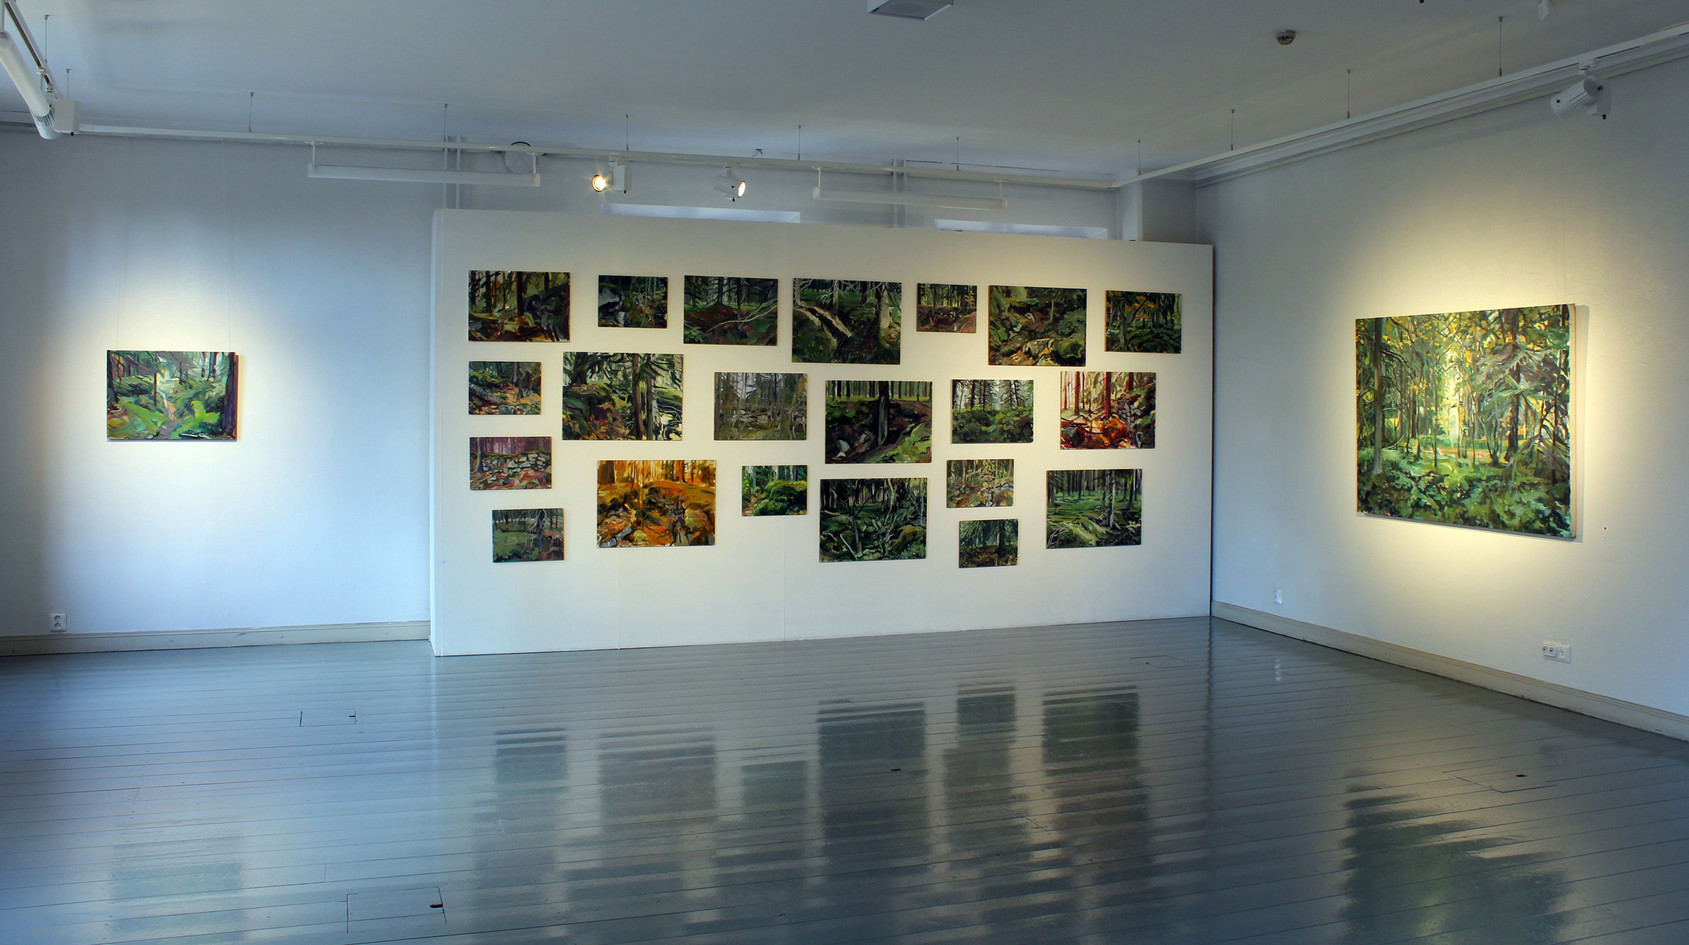 Vanhan Raatihuoneen Galleria, 2015